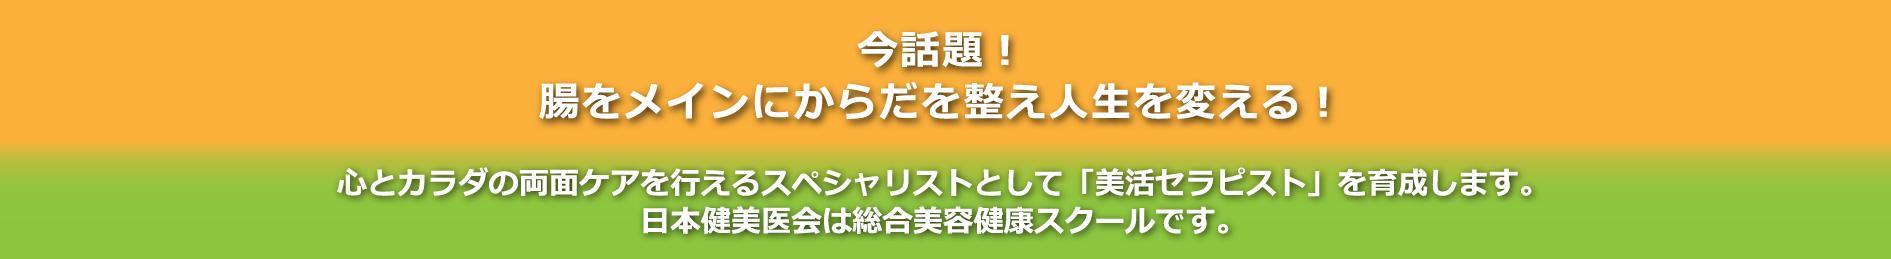 今話題!腸をメインに体を整え人生を変える!心とカラダの両面ケアを行えるスペシャリストとして「美活セラピスト」を育成します。日本健美医会は総合美容健康スクールです。